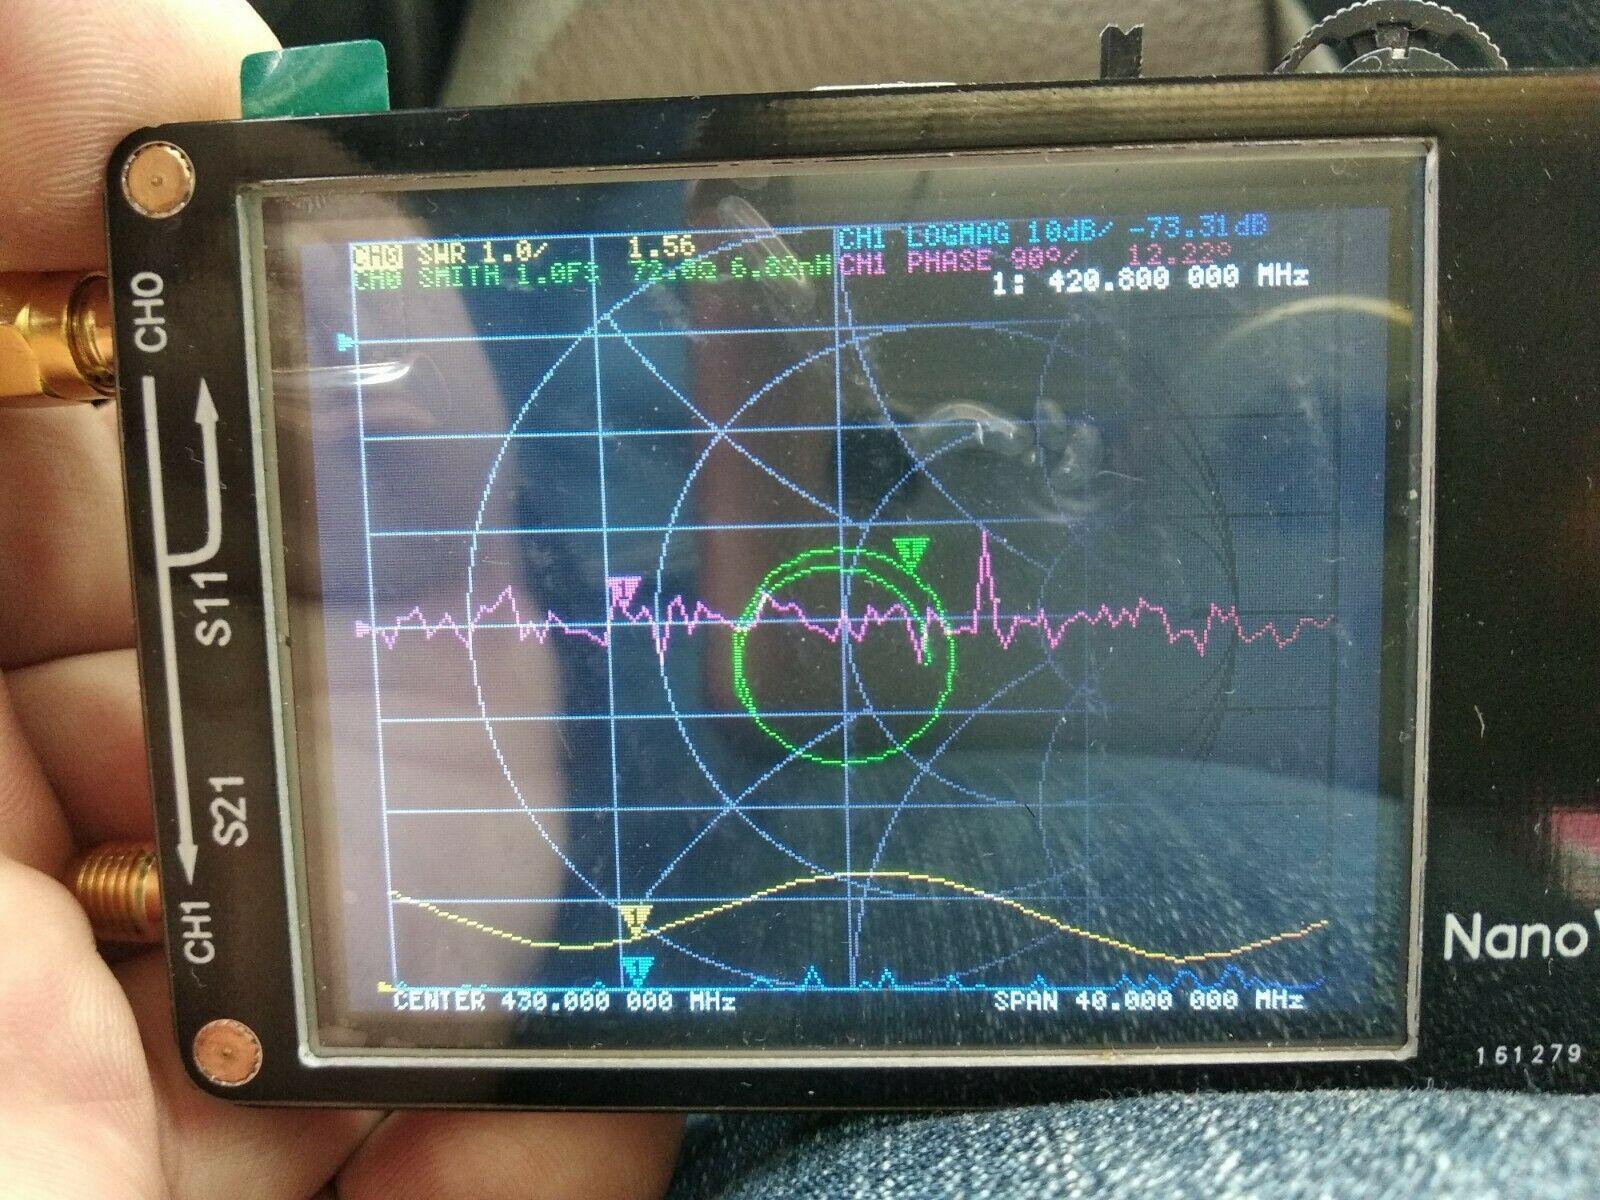 New HF VHF UHF UV NanoVNA Vector Network Analyzer Antenna Analyzer + 2 8  inch LCD + Battery